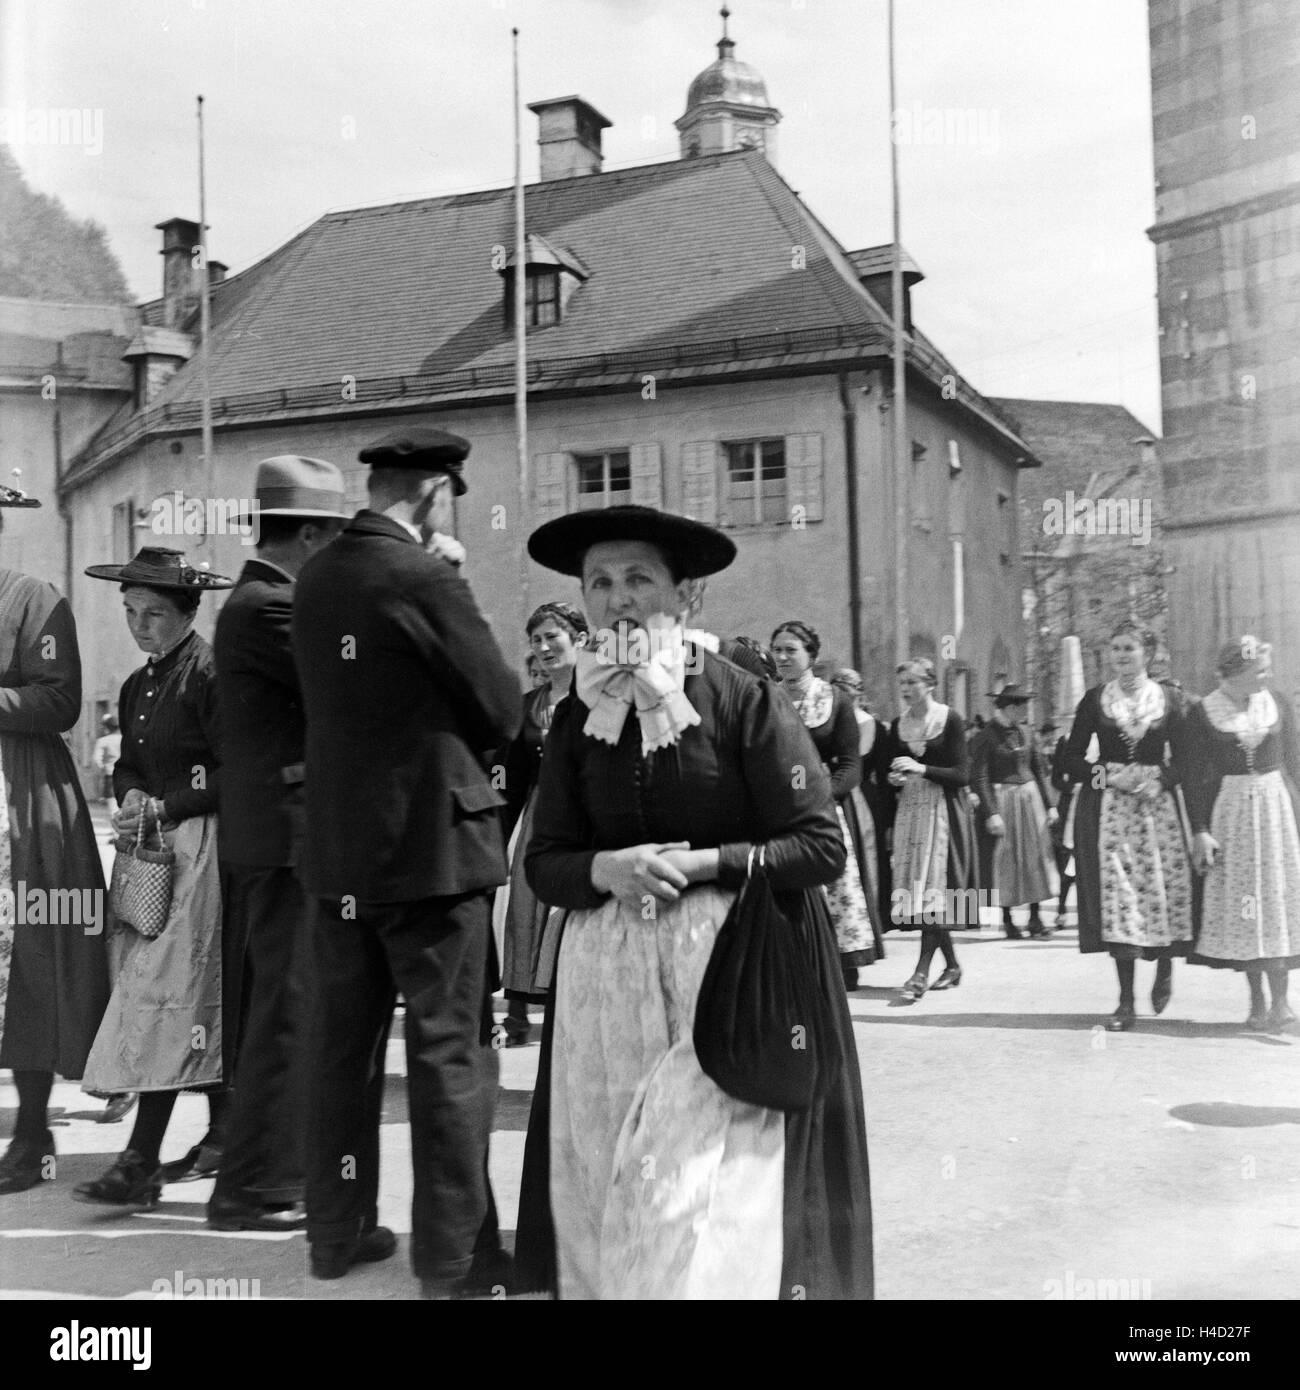 Die Bürger von Berchtesgaden in ihrer Stadt, Deutschland 1930er Jahre. Inhabitants of Berchtesgaden in their - Stock Image